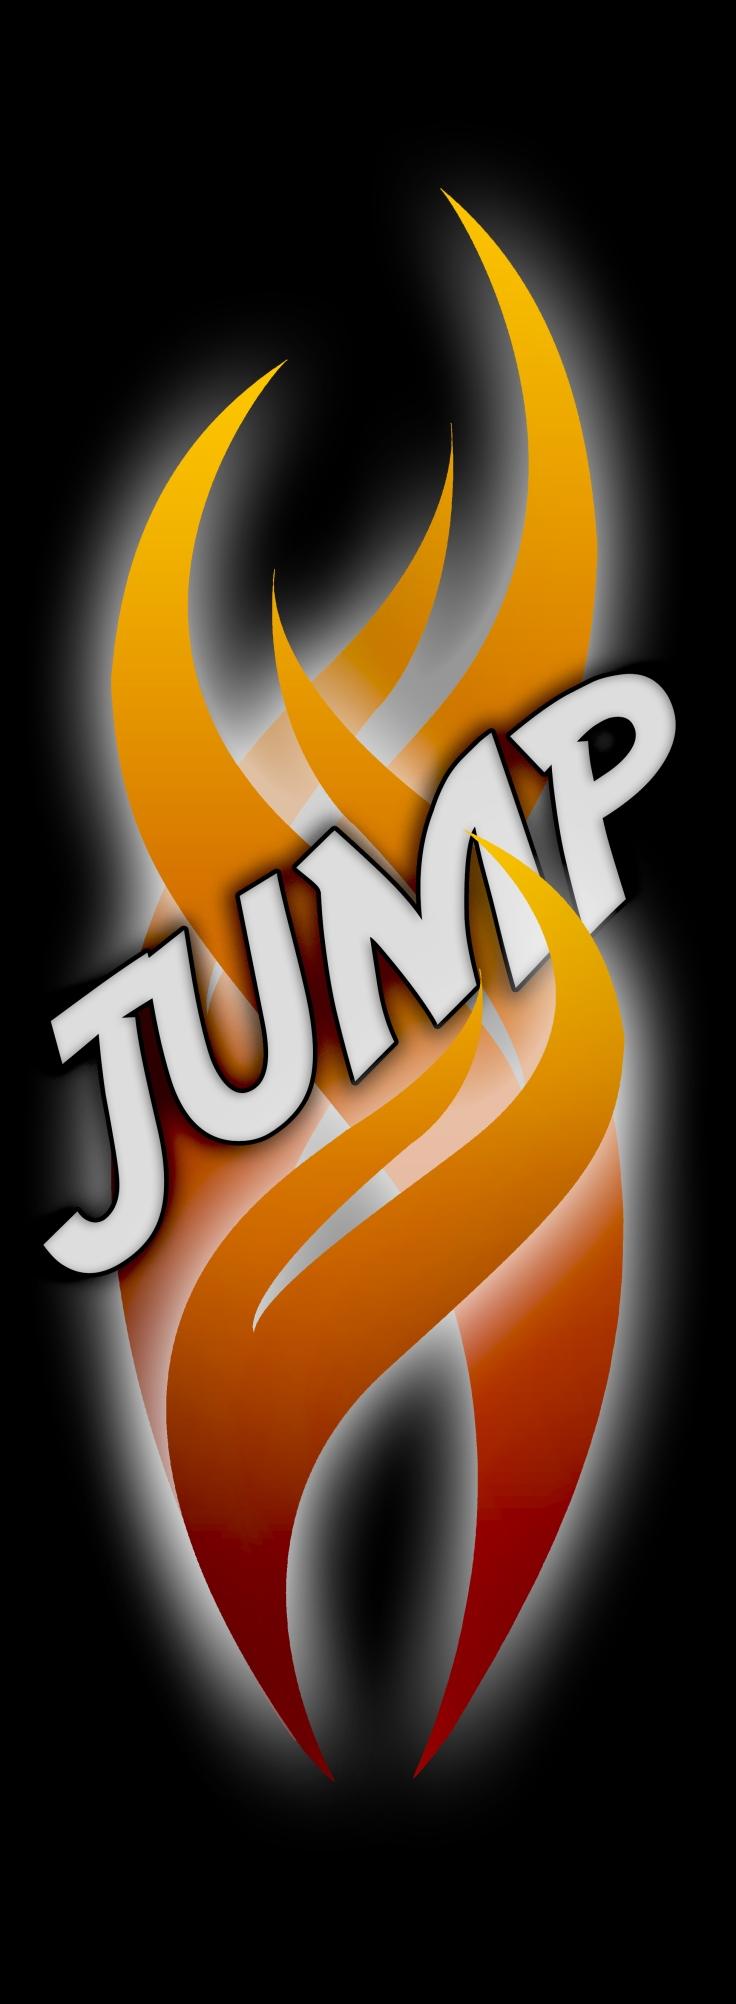 JUMP logo zwarte achtergrond